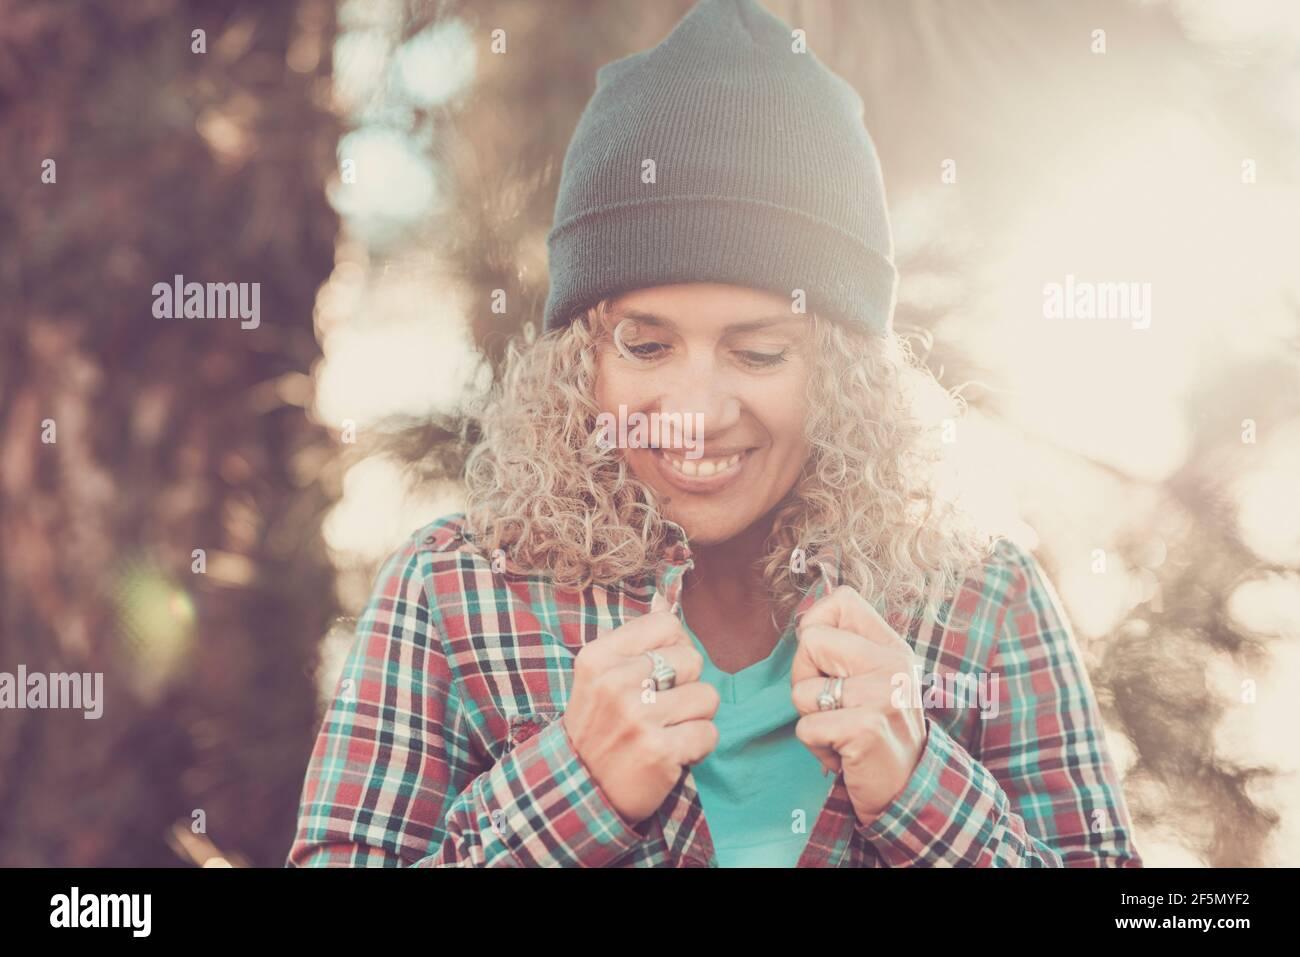 Une jeune femme adulte sourit et tient sa chemise seule la forêt bénéficiant de la lumière du soleil et activités de loisirs nature en plein air - concept de voyage de personnes et ex Banque D'Images